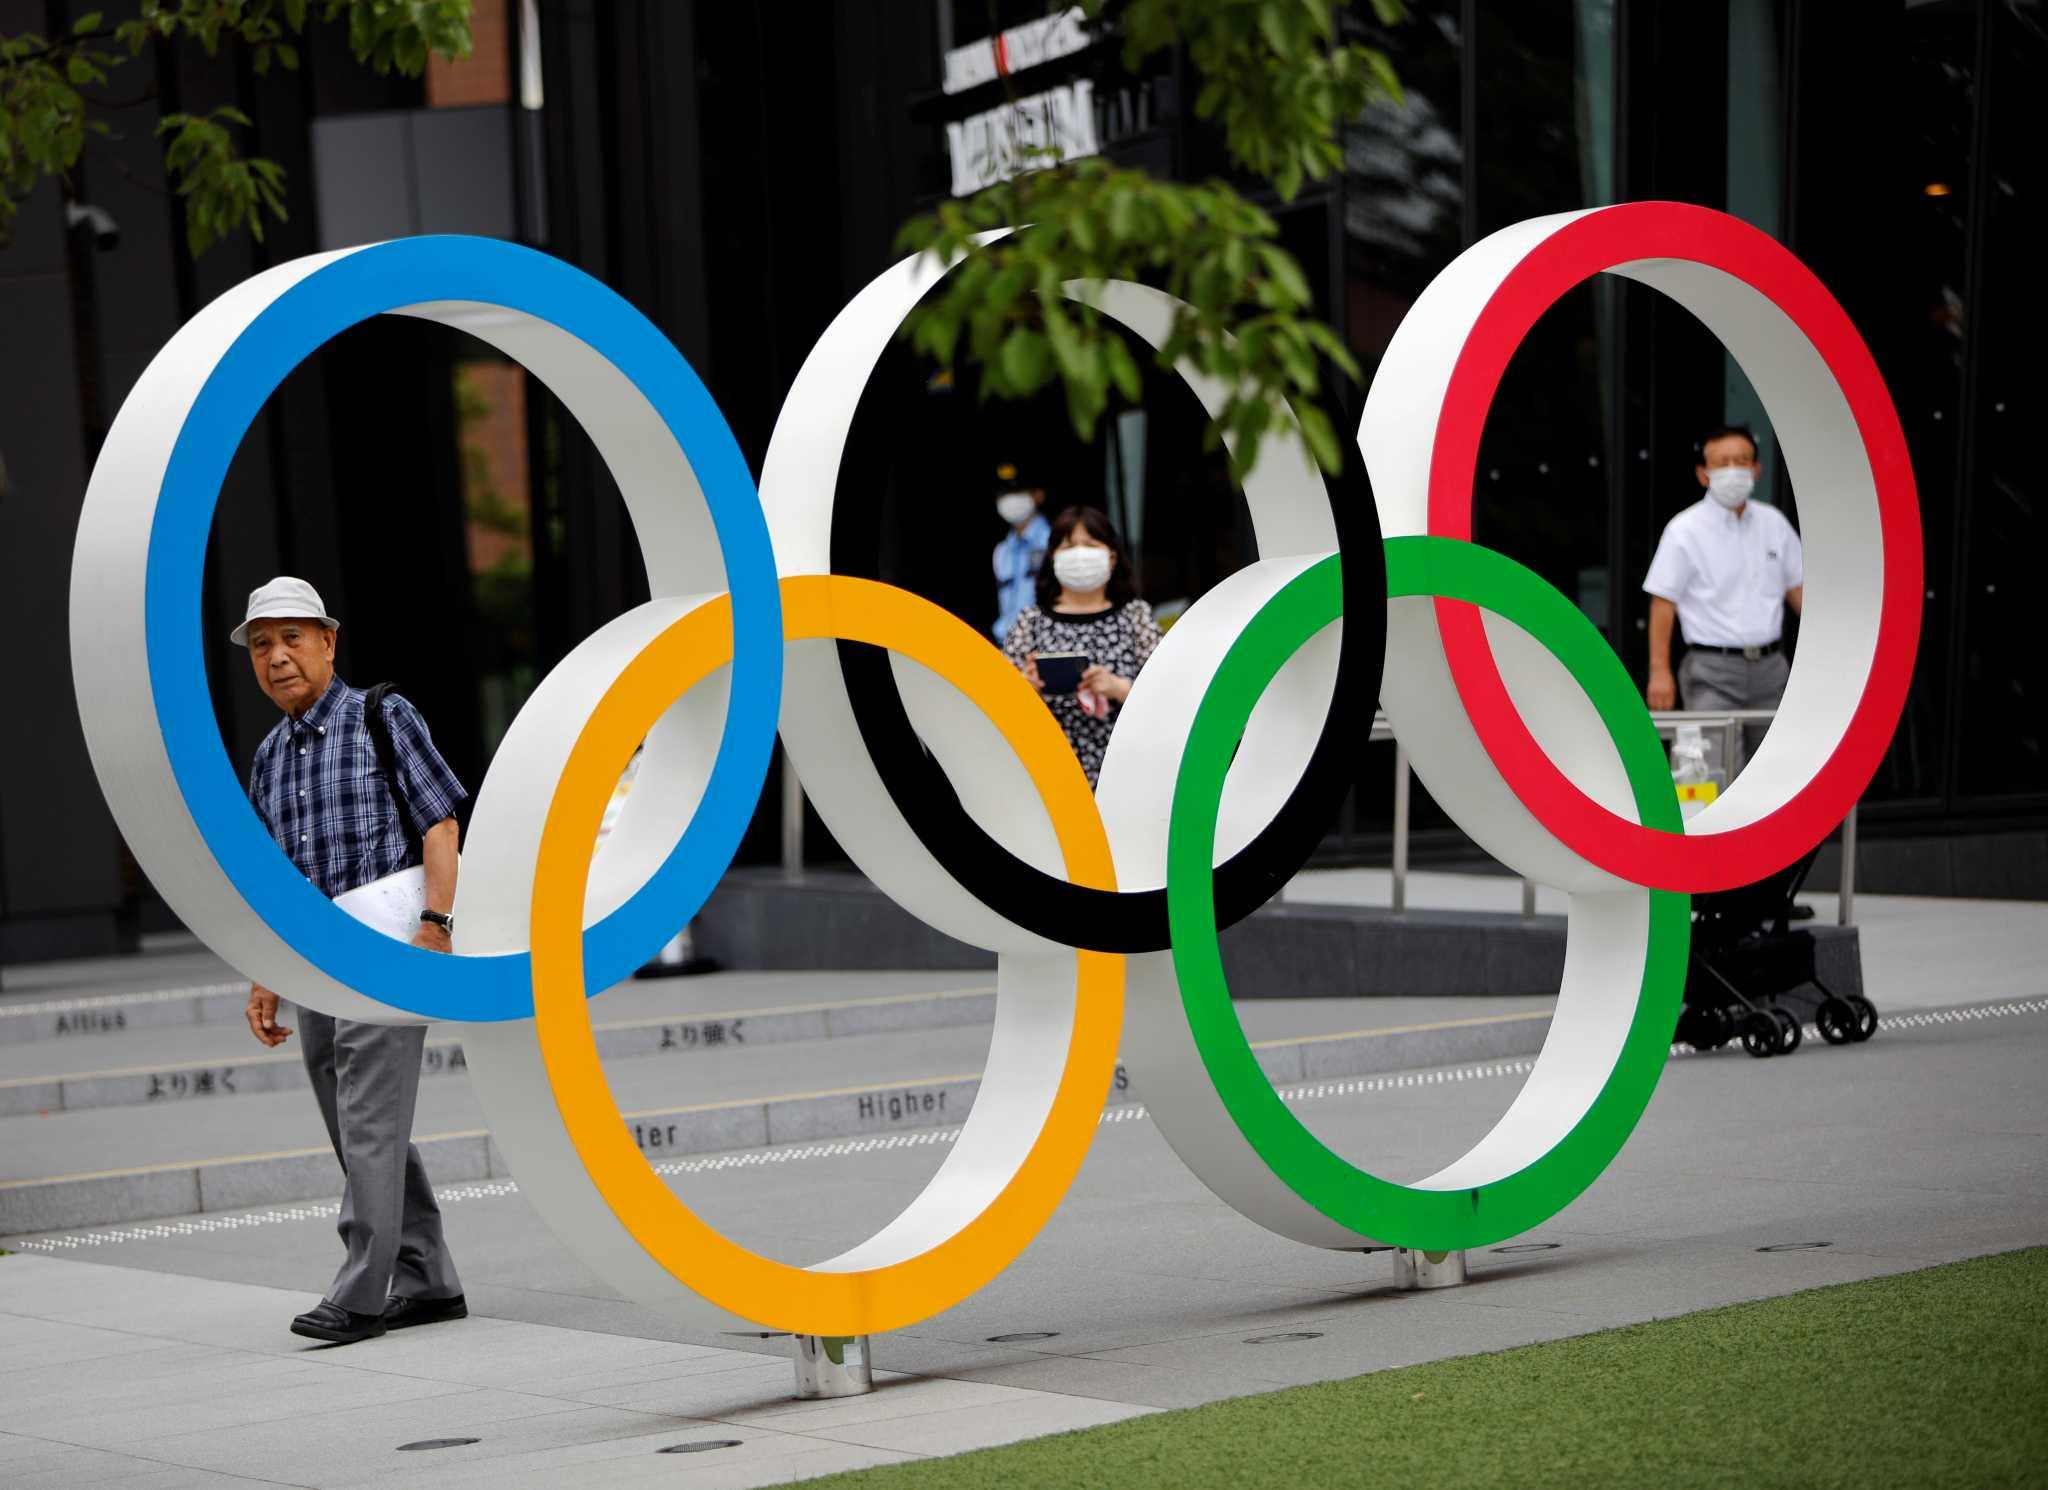 Ολυμπιακοί Αγώνες με κατάσταση έκτακτης ανάγκης στο Τόκιο – Χωρίς θεατές η διοργάνωση;